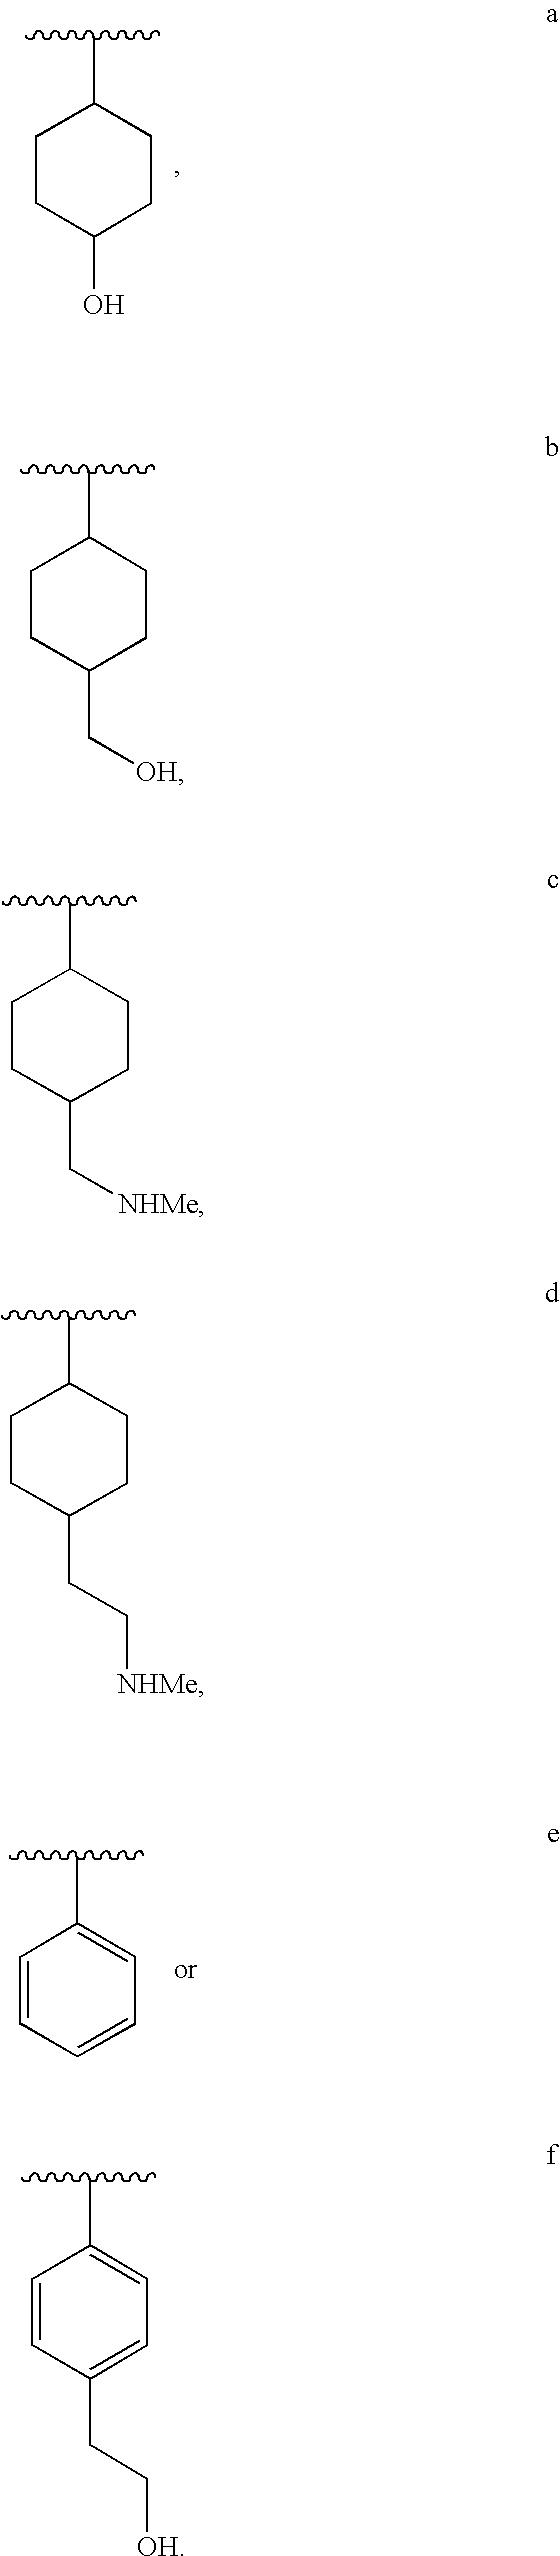 Figure US07132438-20061107-C00004